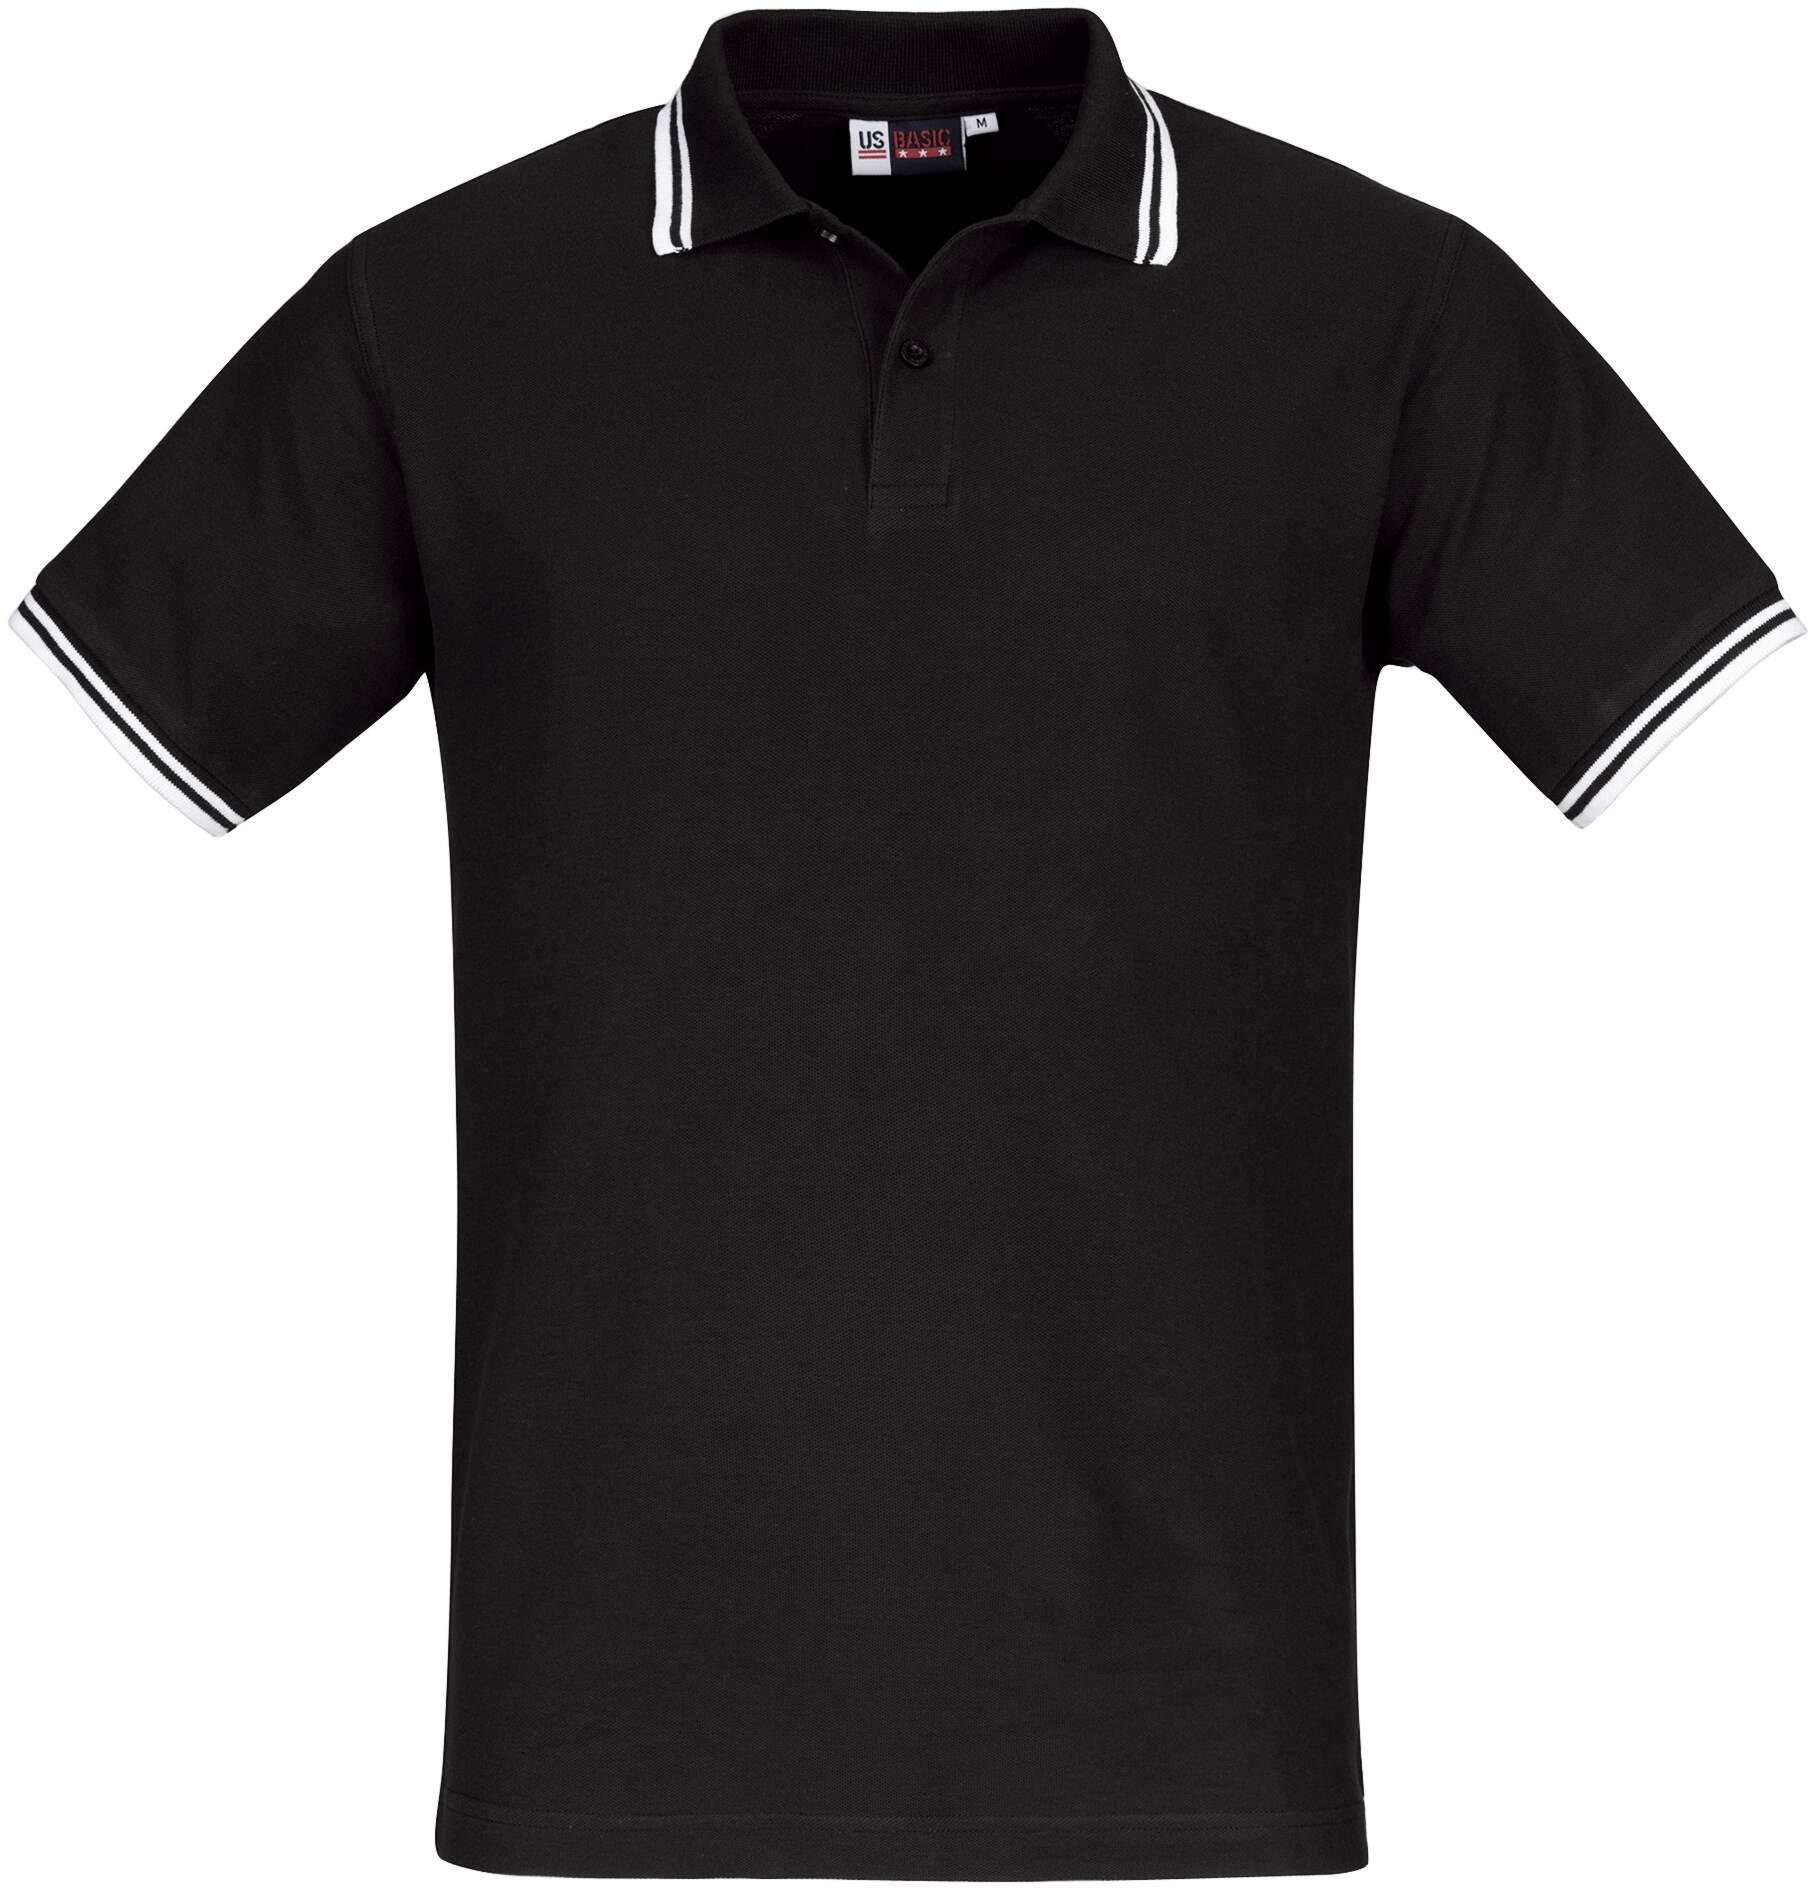 Koszulki Polo US 31099 Erie - 31099_czarny_biały_US - Kolor: Czarny / Biały